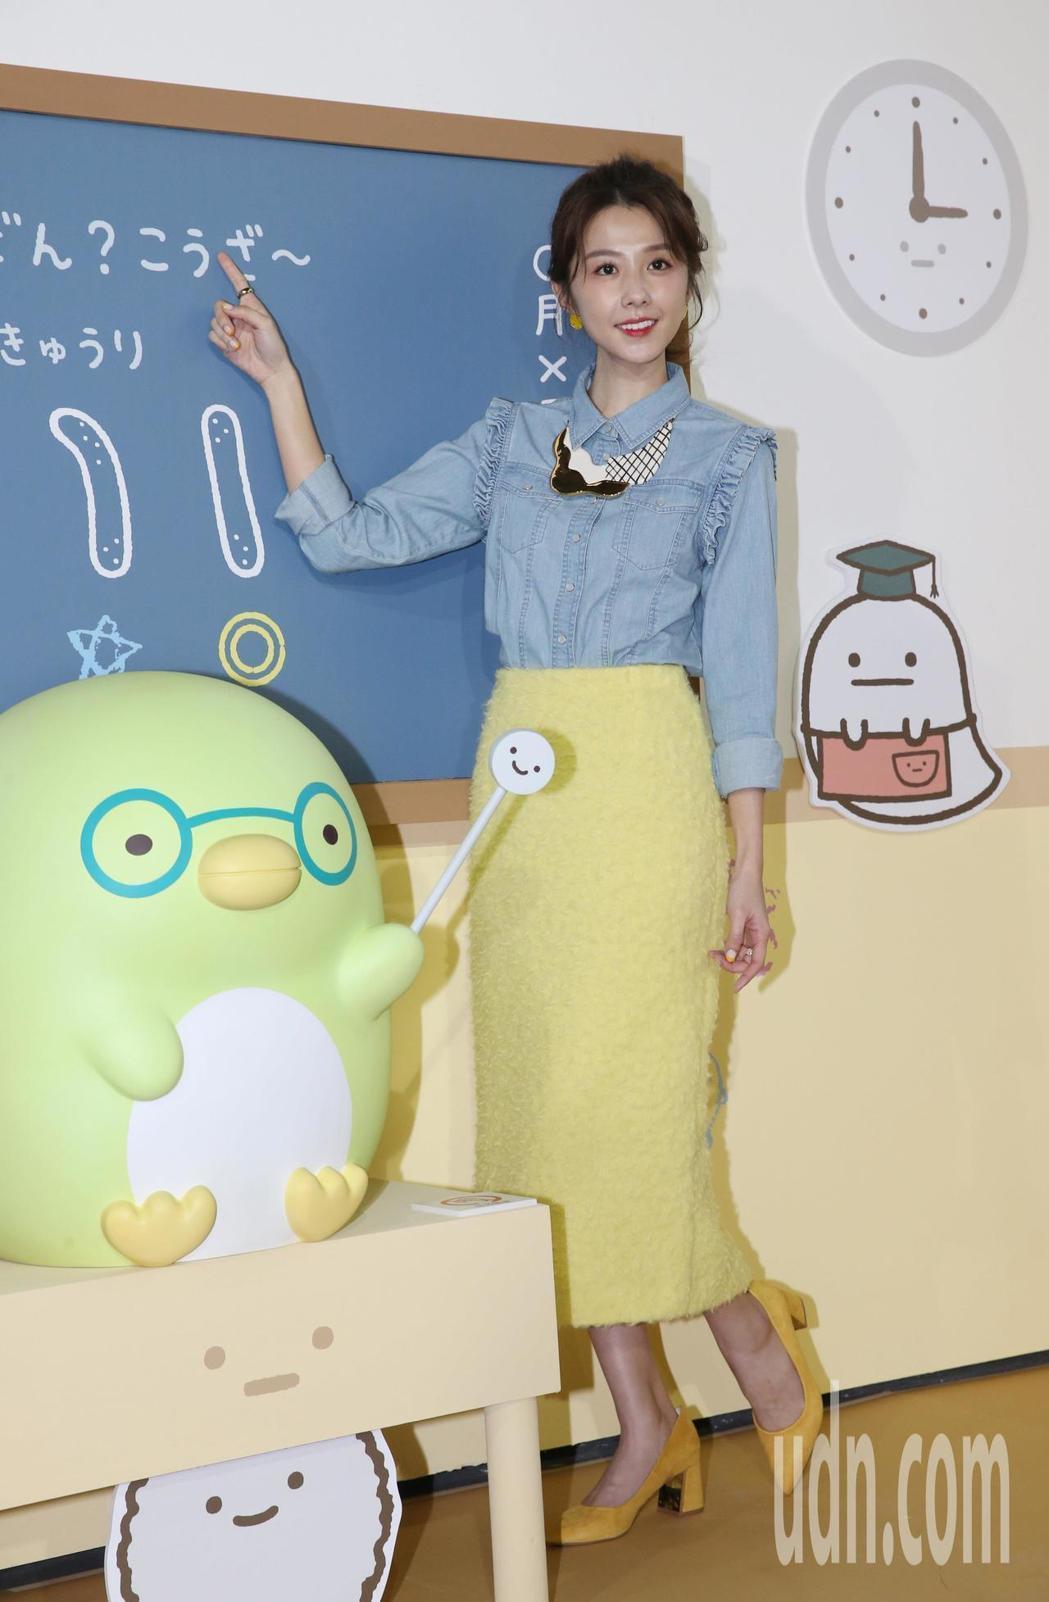 邵雨薇自嘲可愛風造型像炸蝦。記者林俊良/攝影